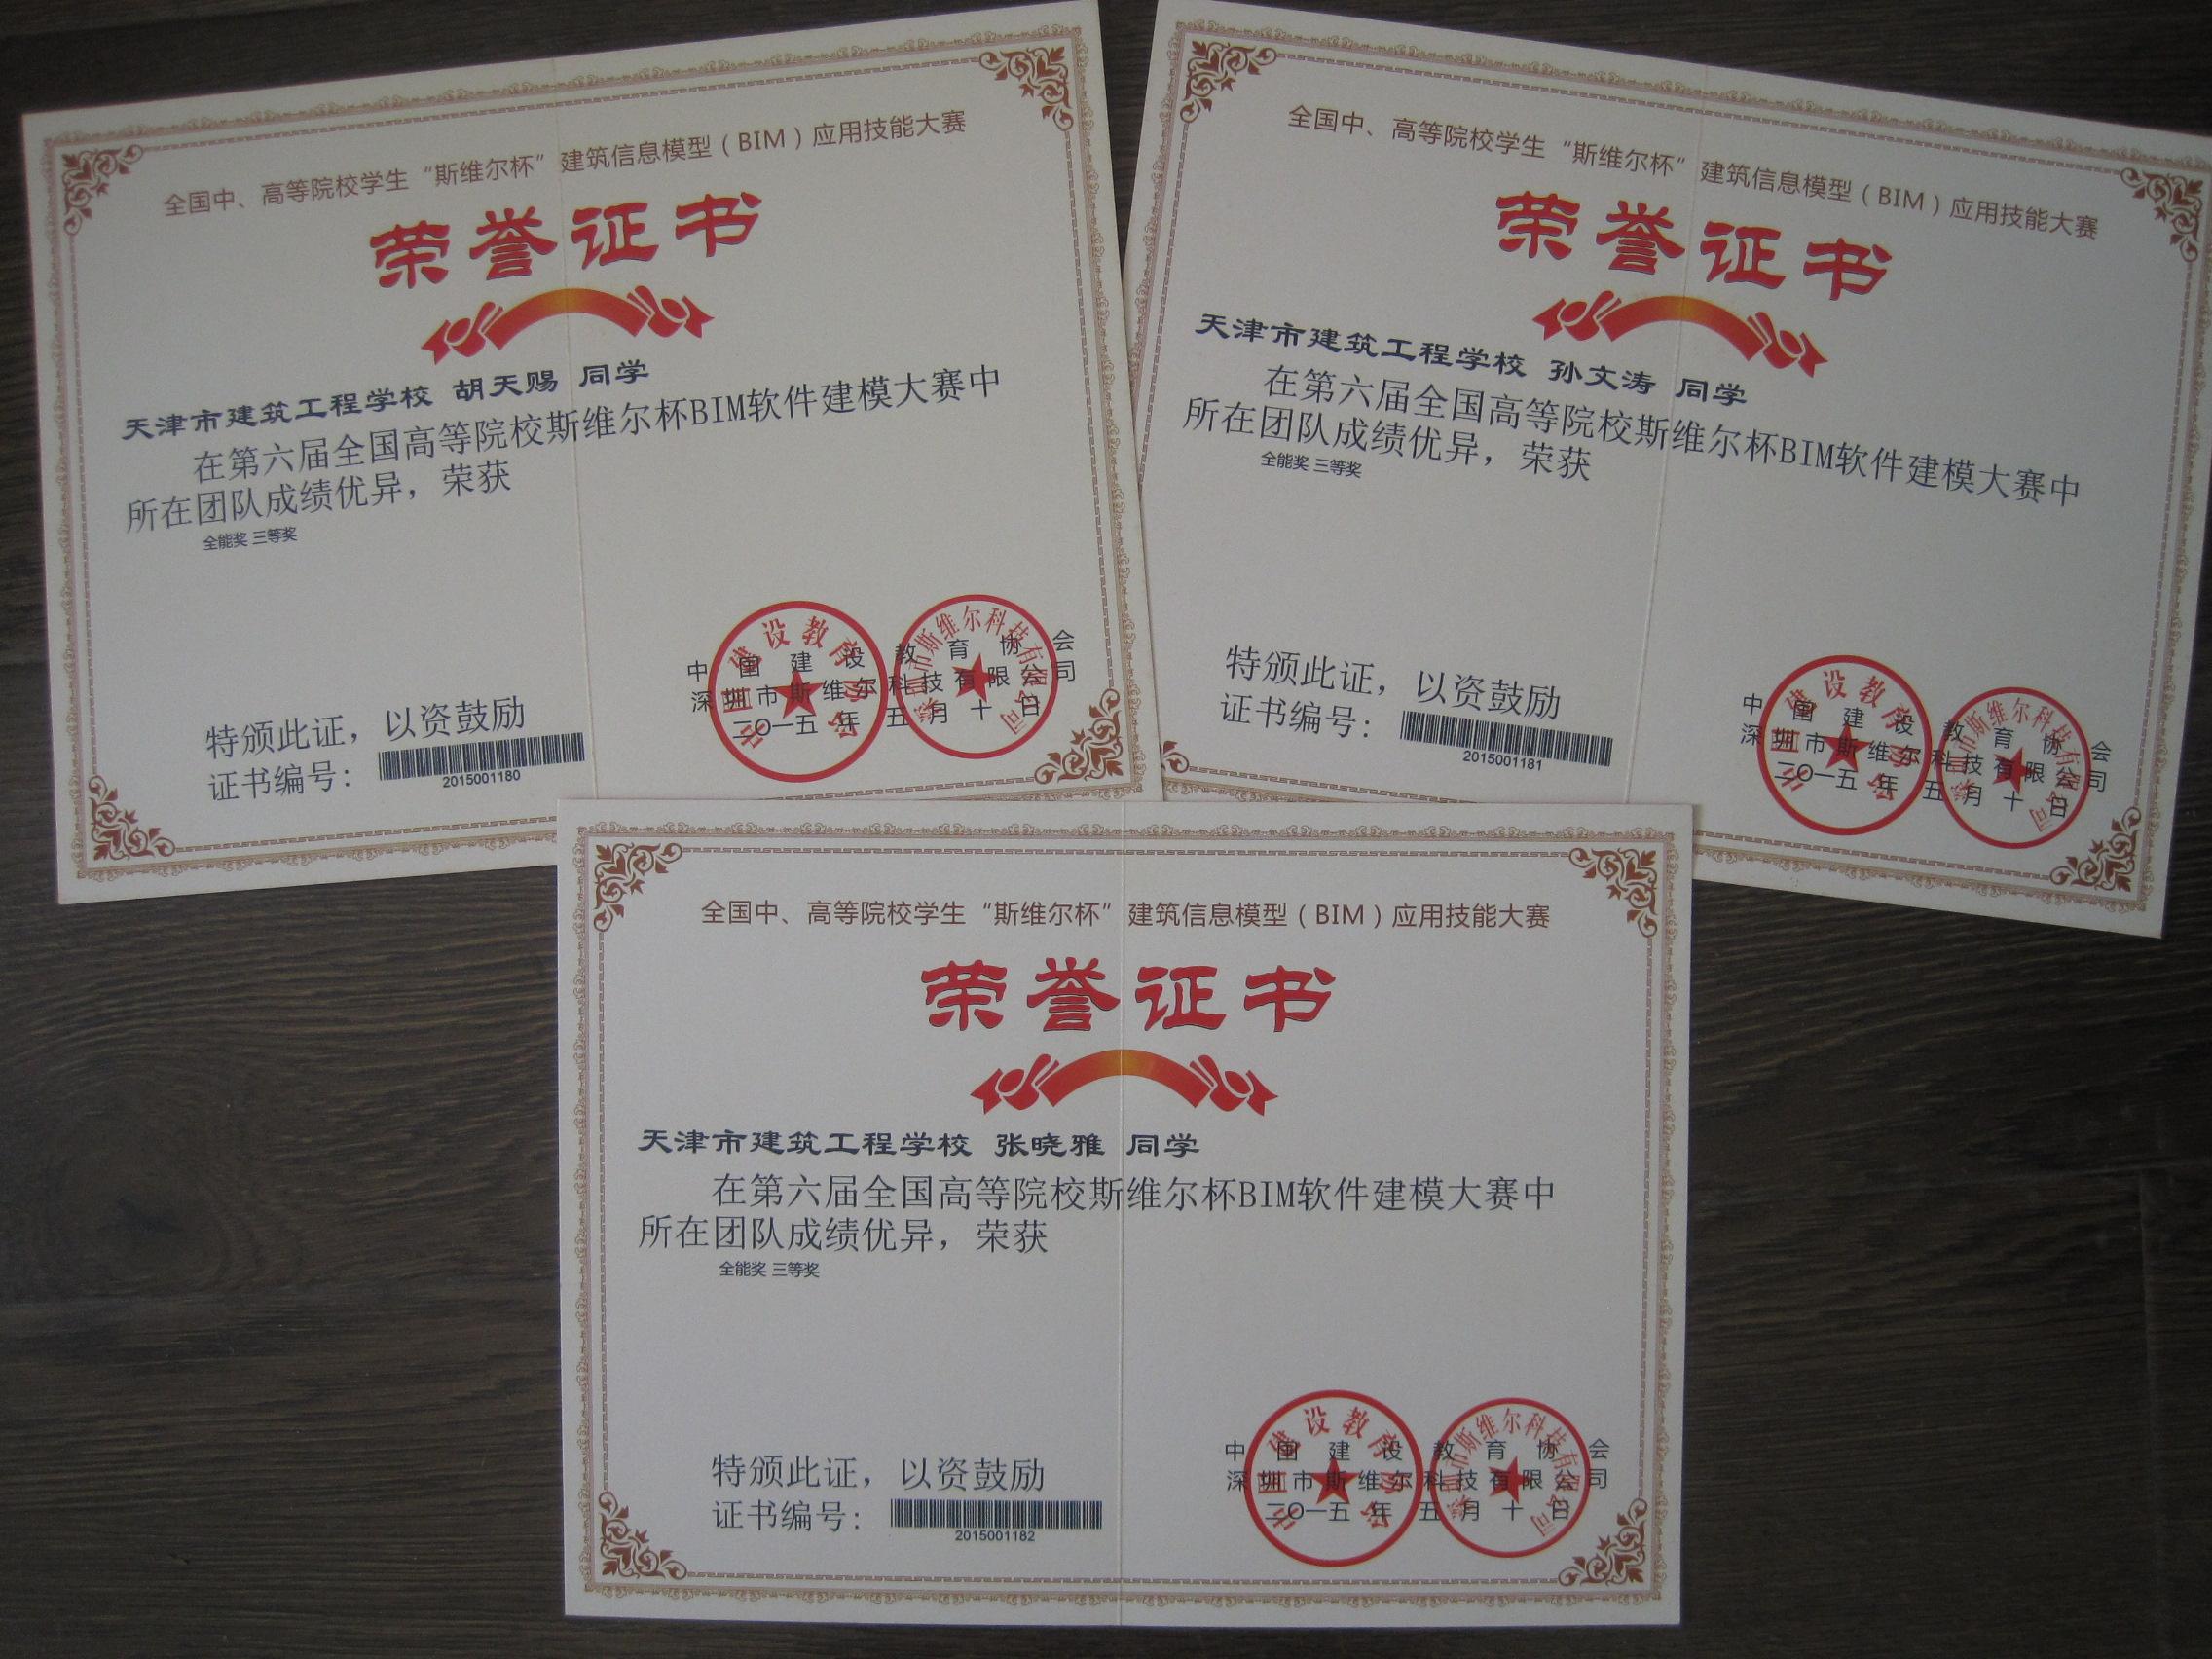 全国BIM大赛获奖证书